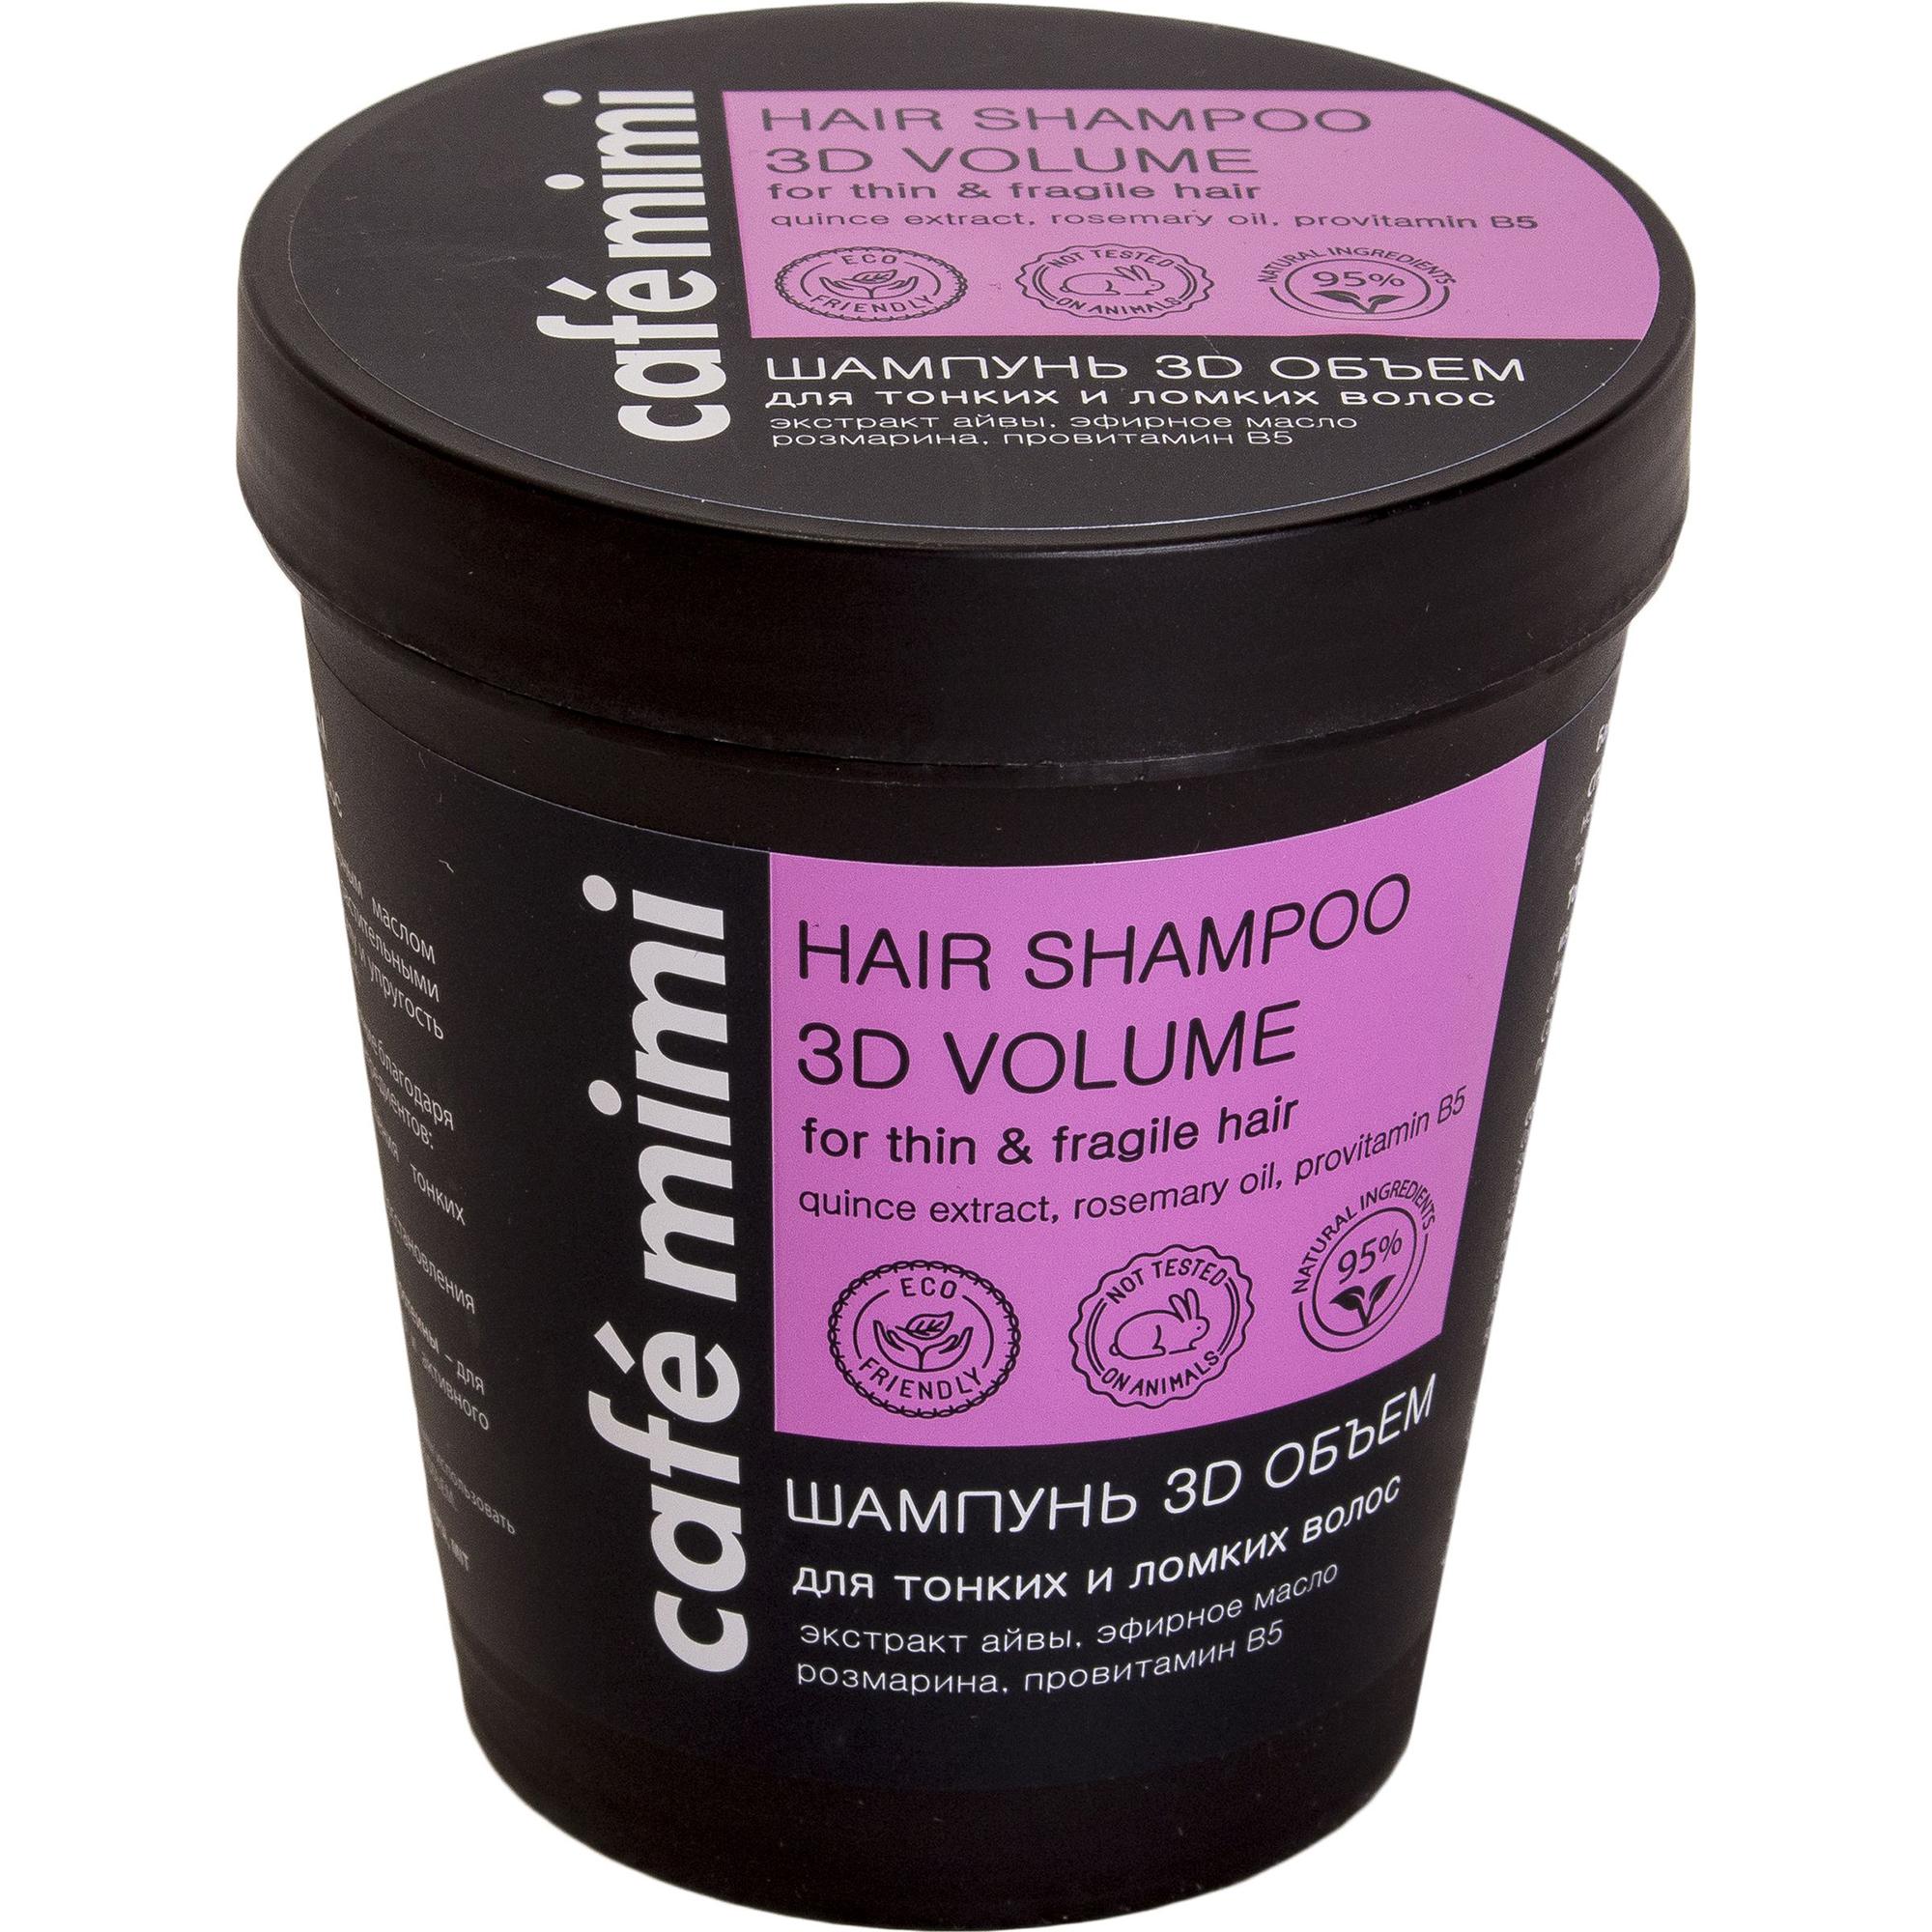 Шампунь для волос Cafe Mimi 3D объем для тонких и ломких волос 220 мл фото